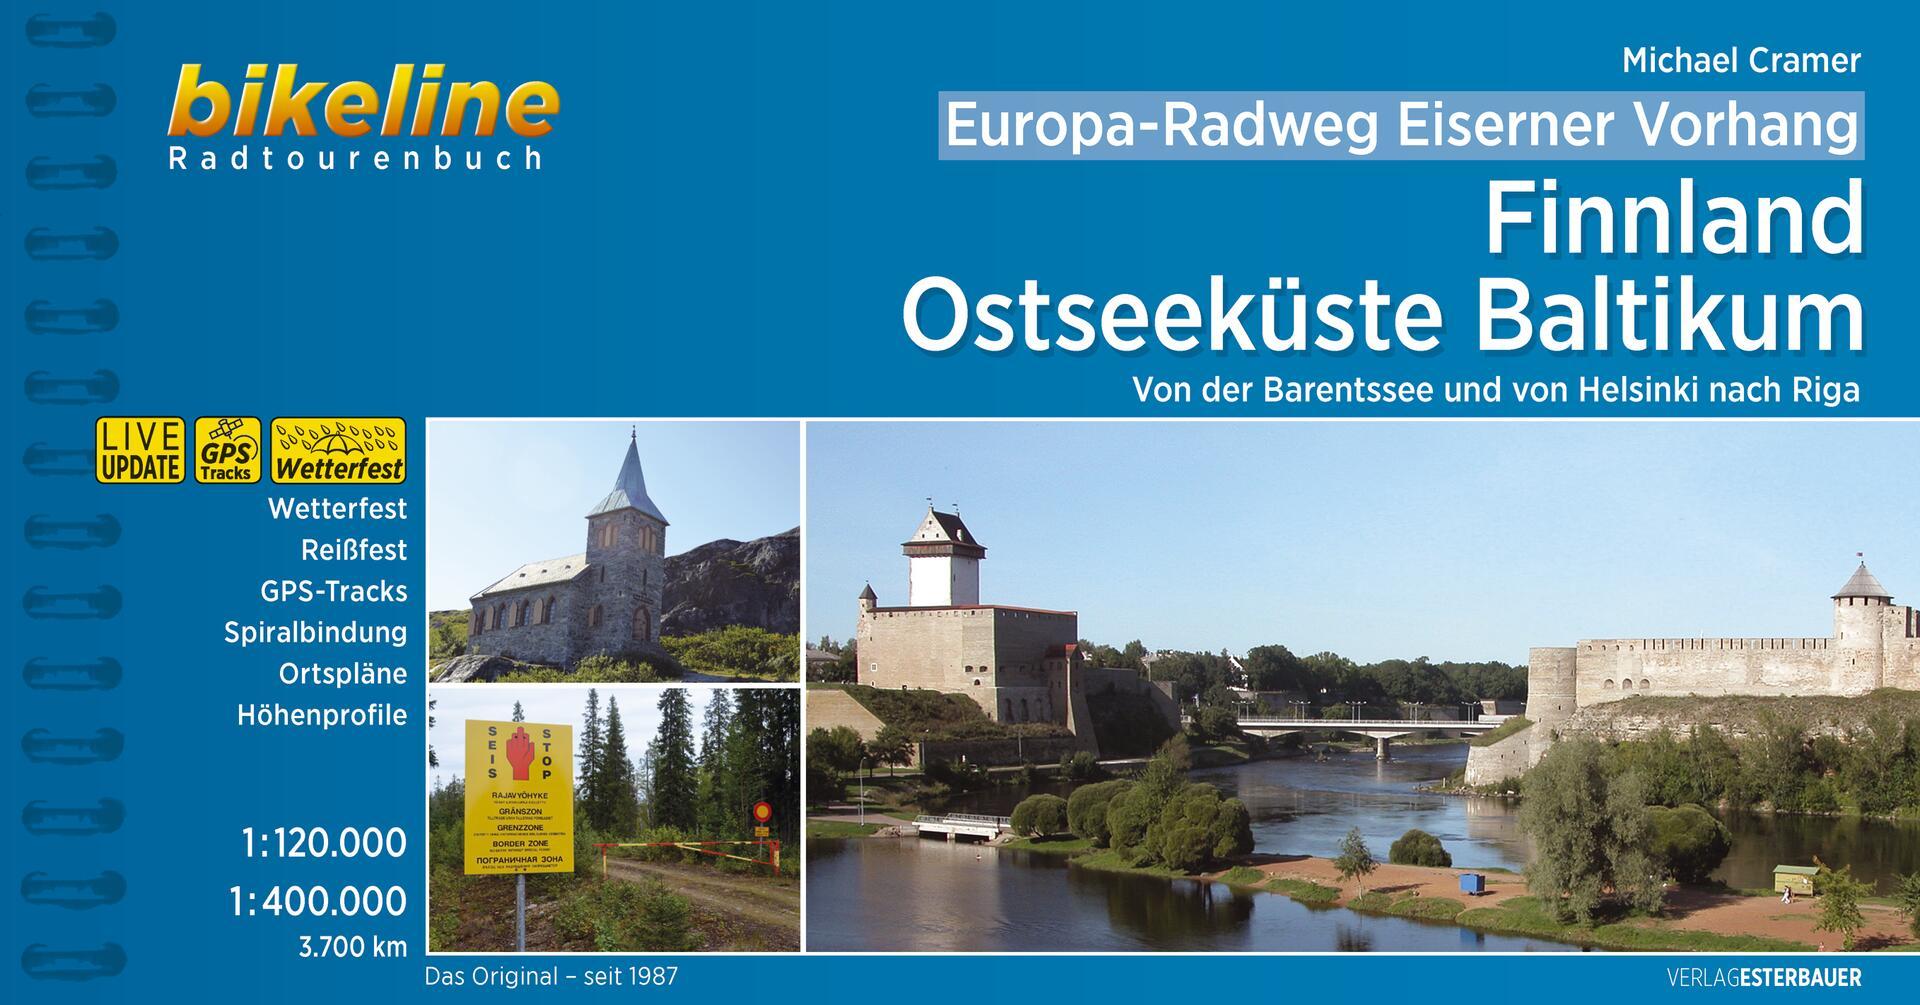 Foto vom Europa-Radweg Eiserner Vorhang 1 Finnland / Ostseeküste Baltikum